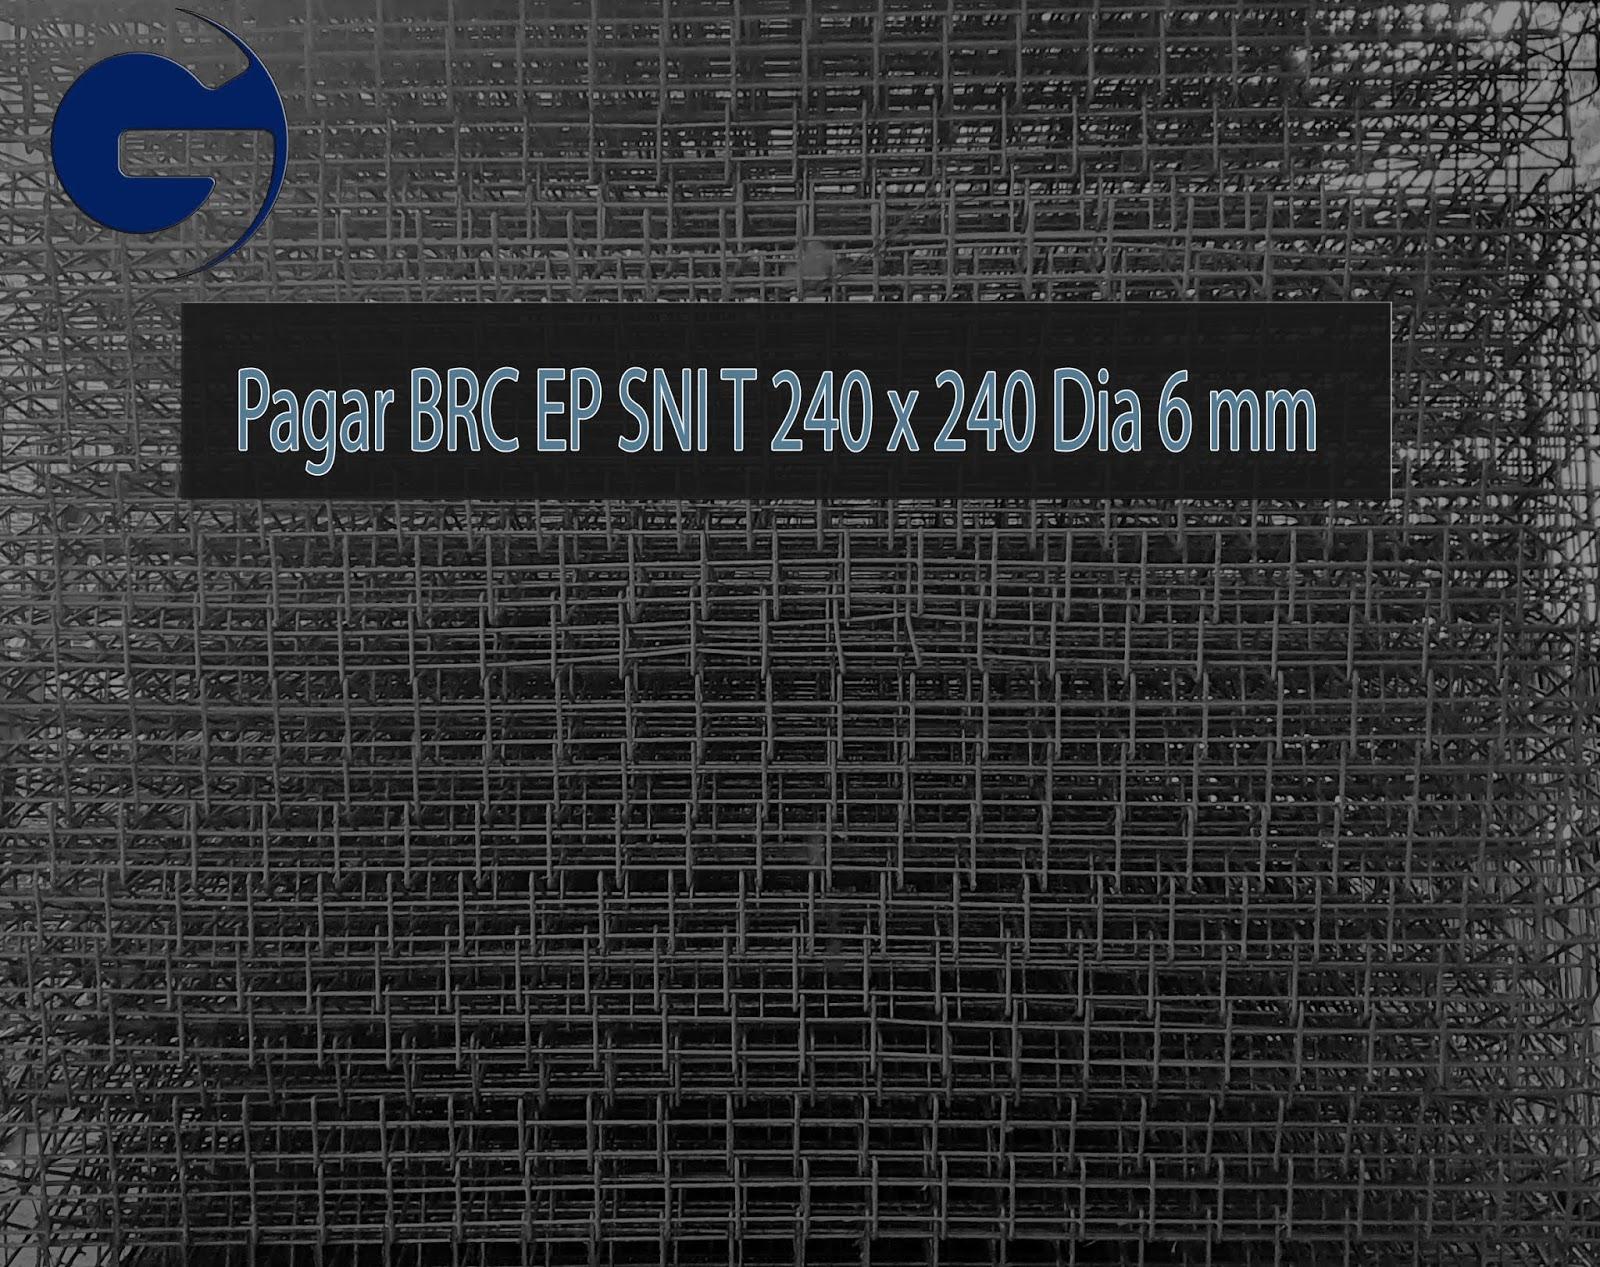 Jual pagar BRC HD SNI T 240 x 240 Dia 6 mm